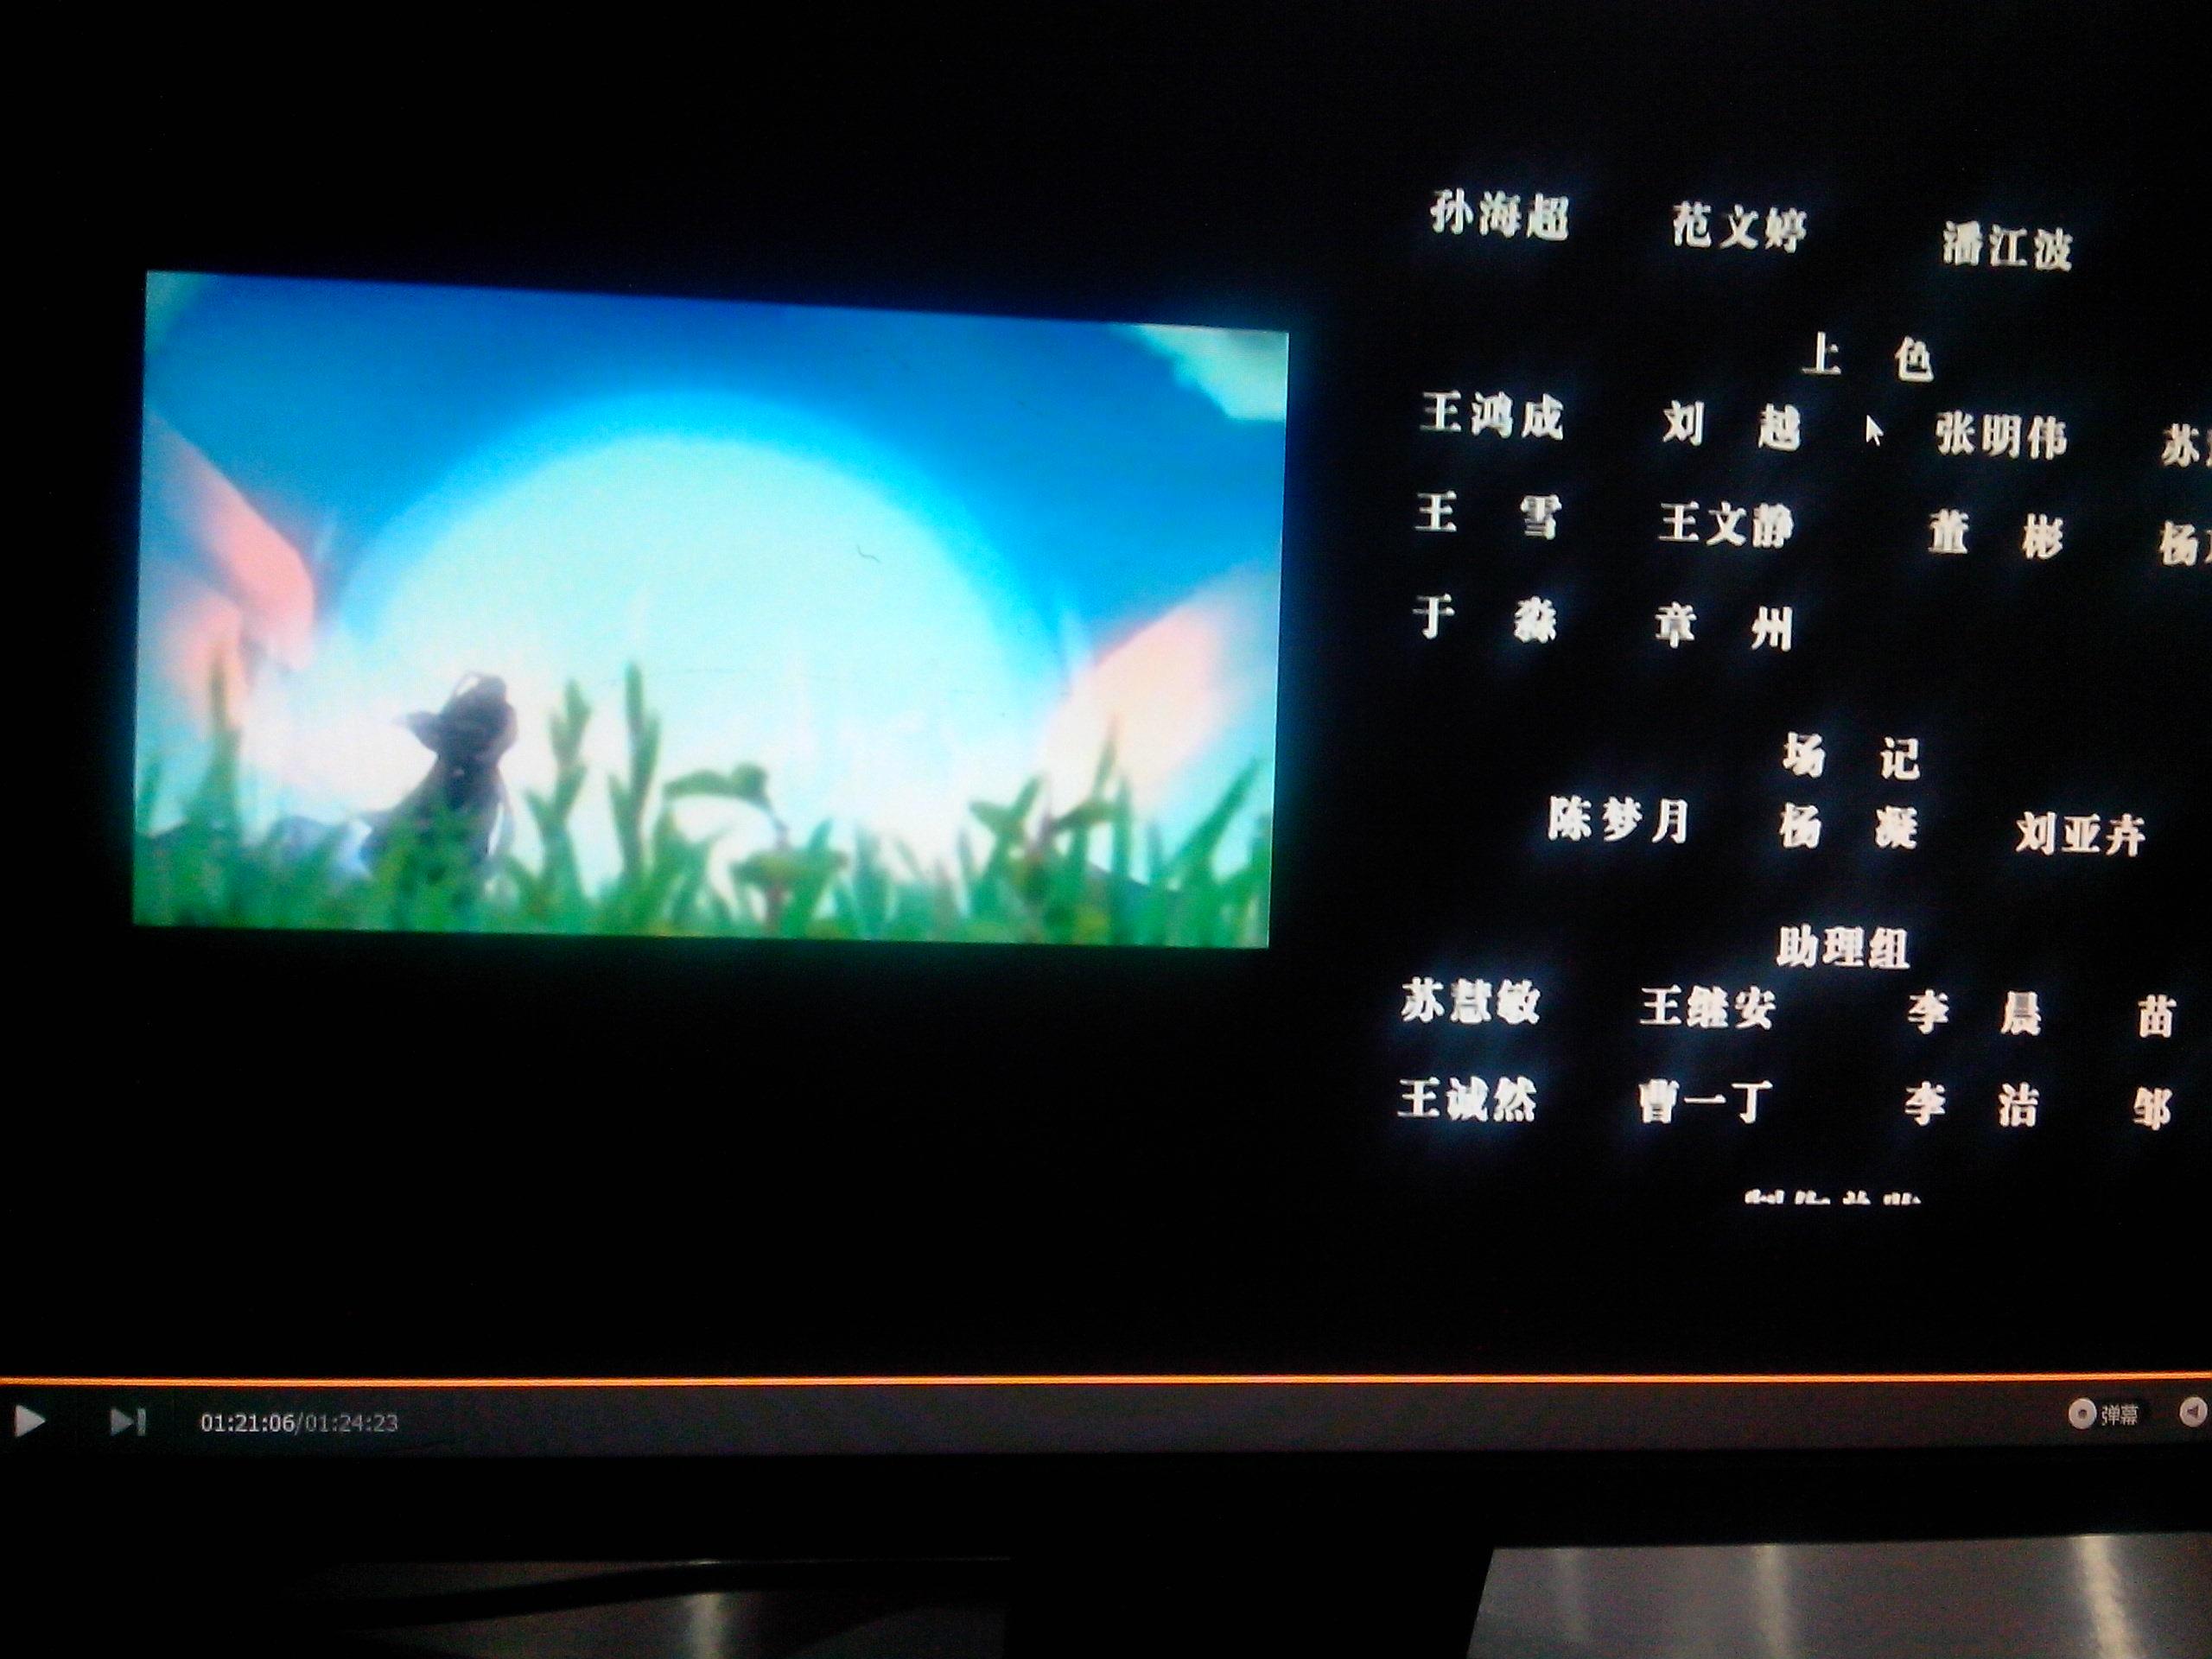 果维康pop囹�a_魁2幽弥狂和奇衡三被光势所灭,为什么结尾燃谷和奇衡三还能脉兽决斗